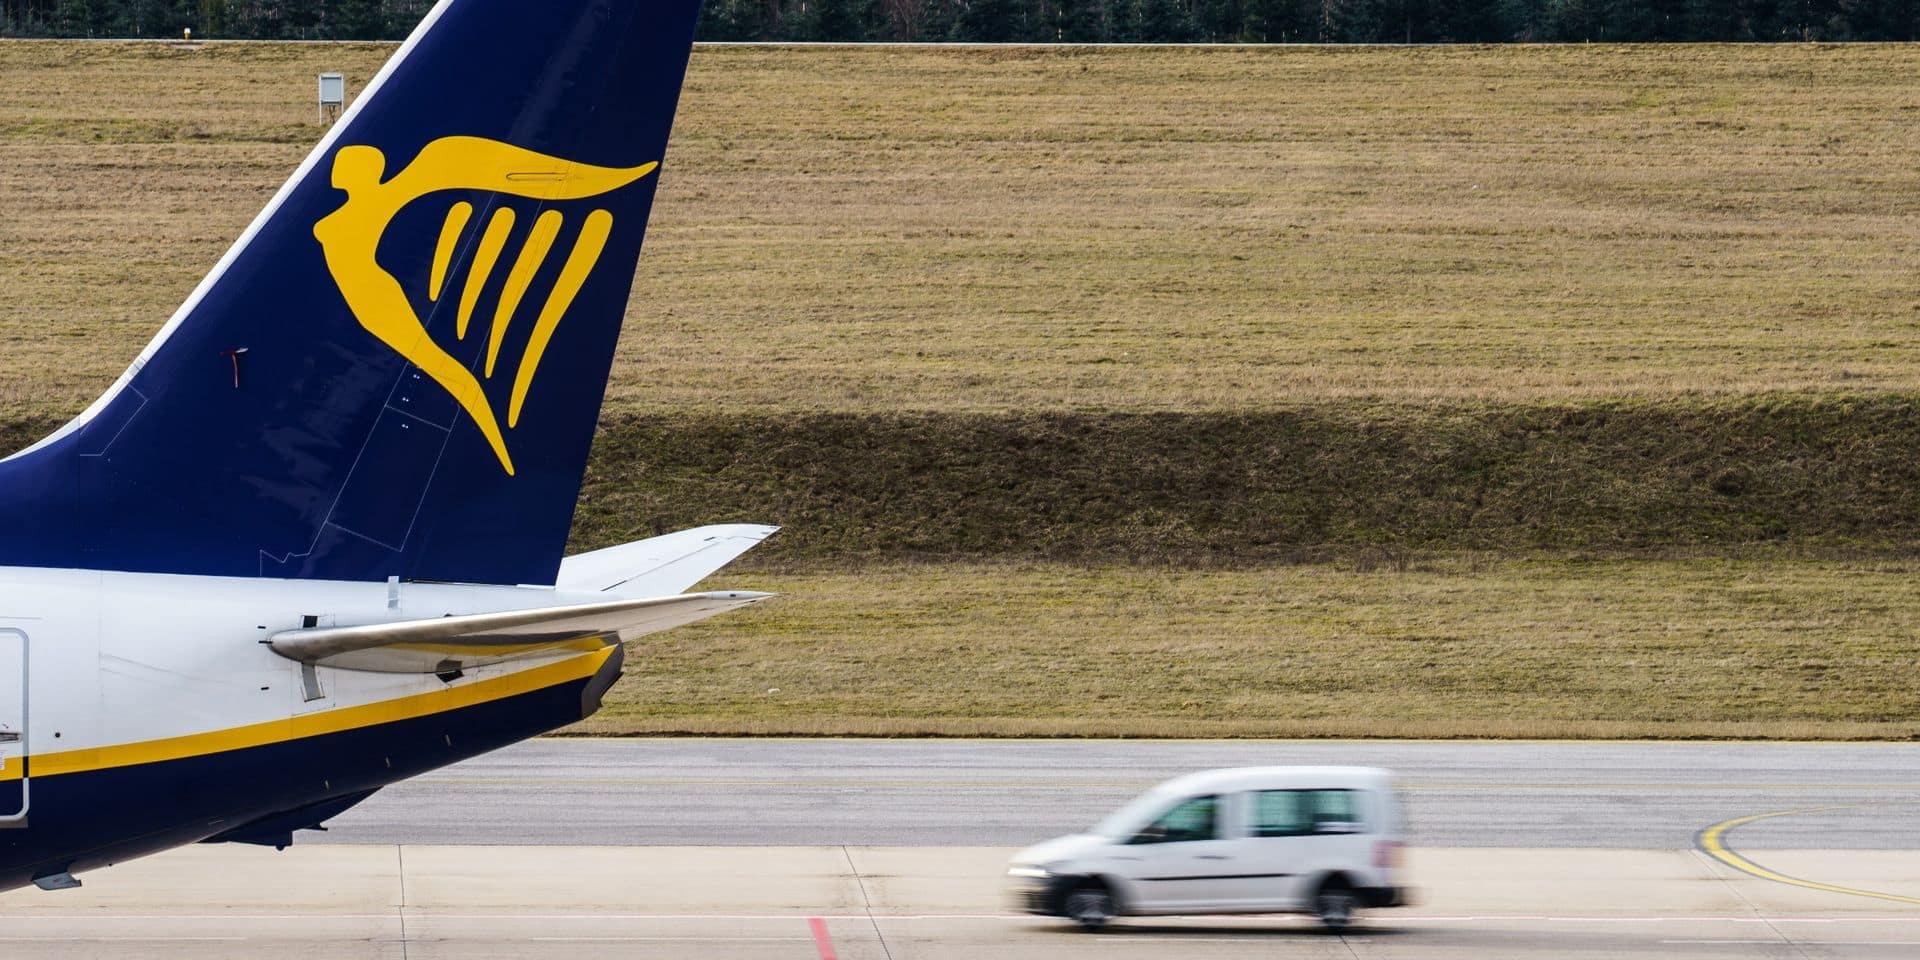 Le dossier social de Ryanair en Belgique totalement judiciarisé, le CEO convoqué